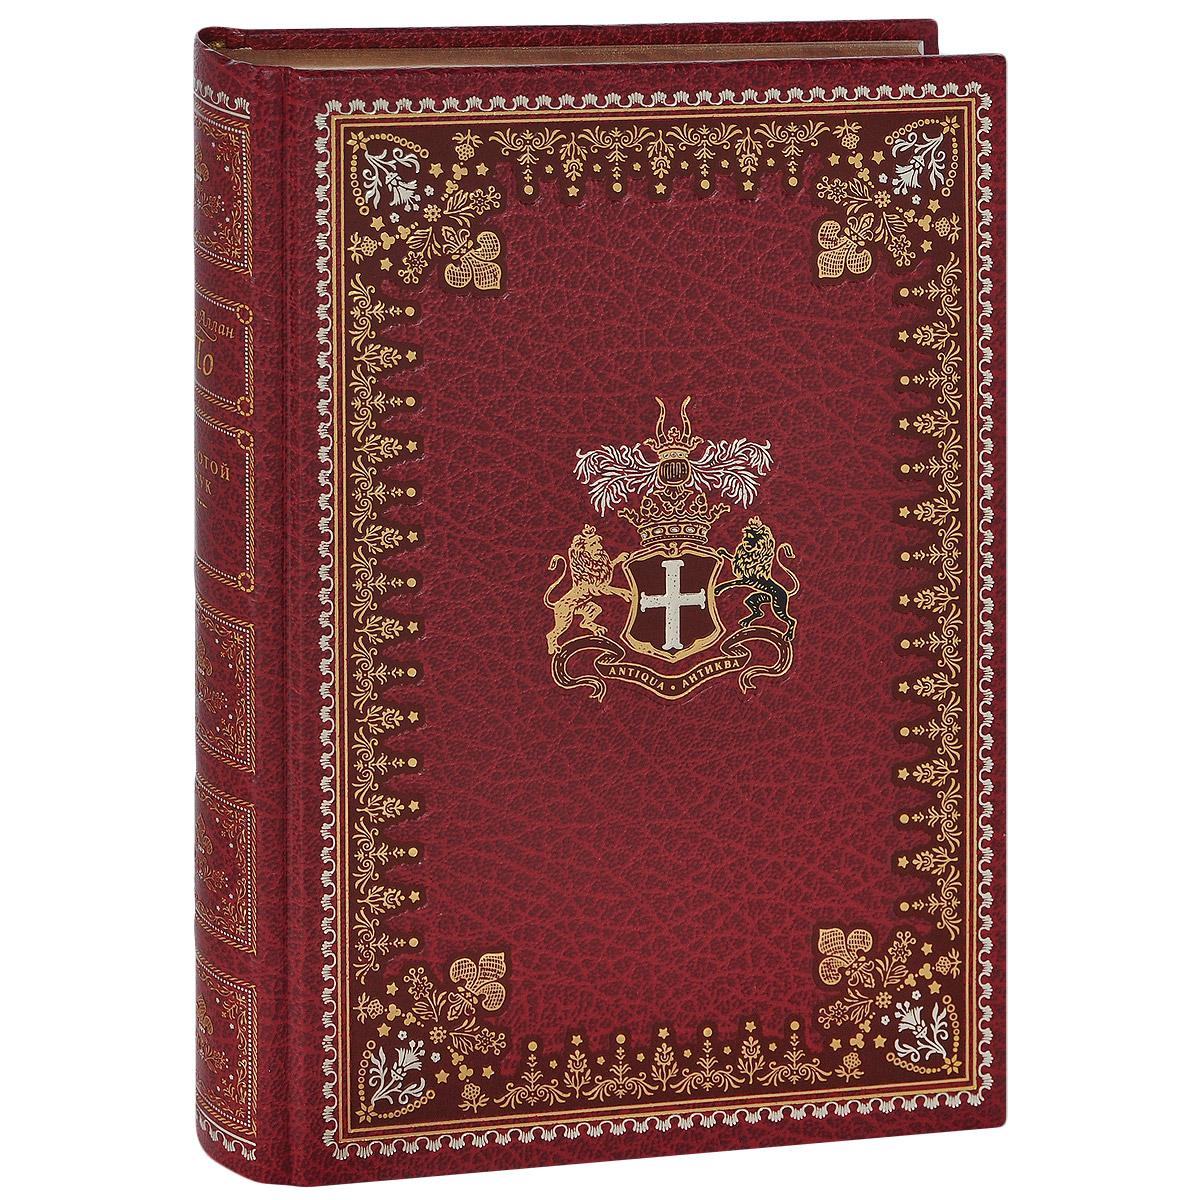 Эдгар Аллан По Золотой жук (подарочное издание) ISBN: 978-5-903542-52-9